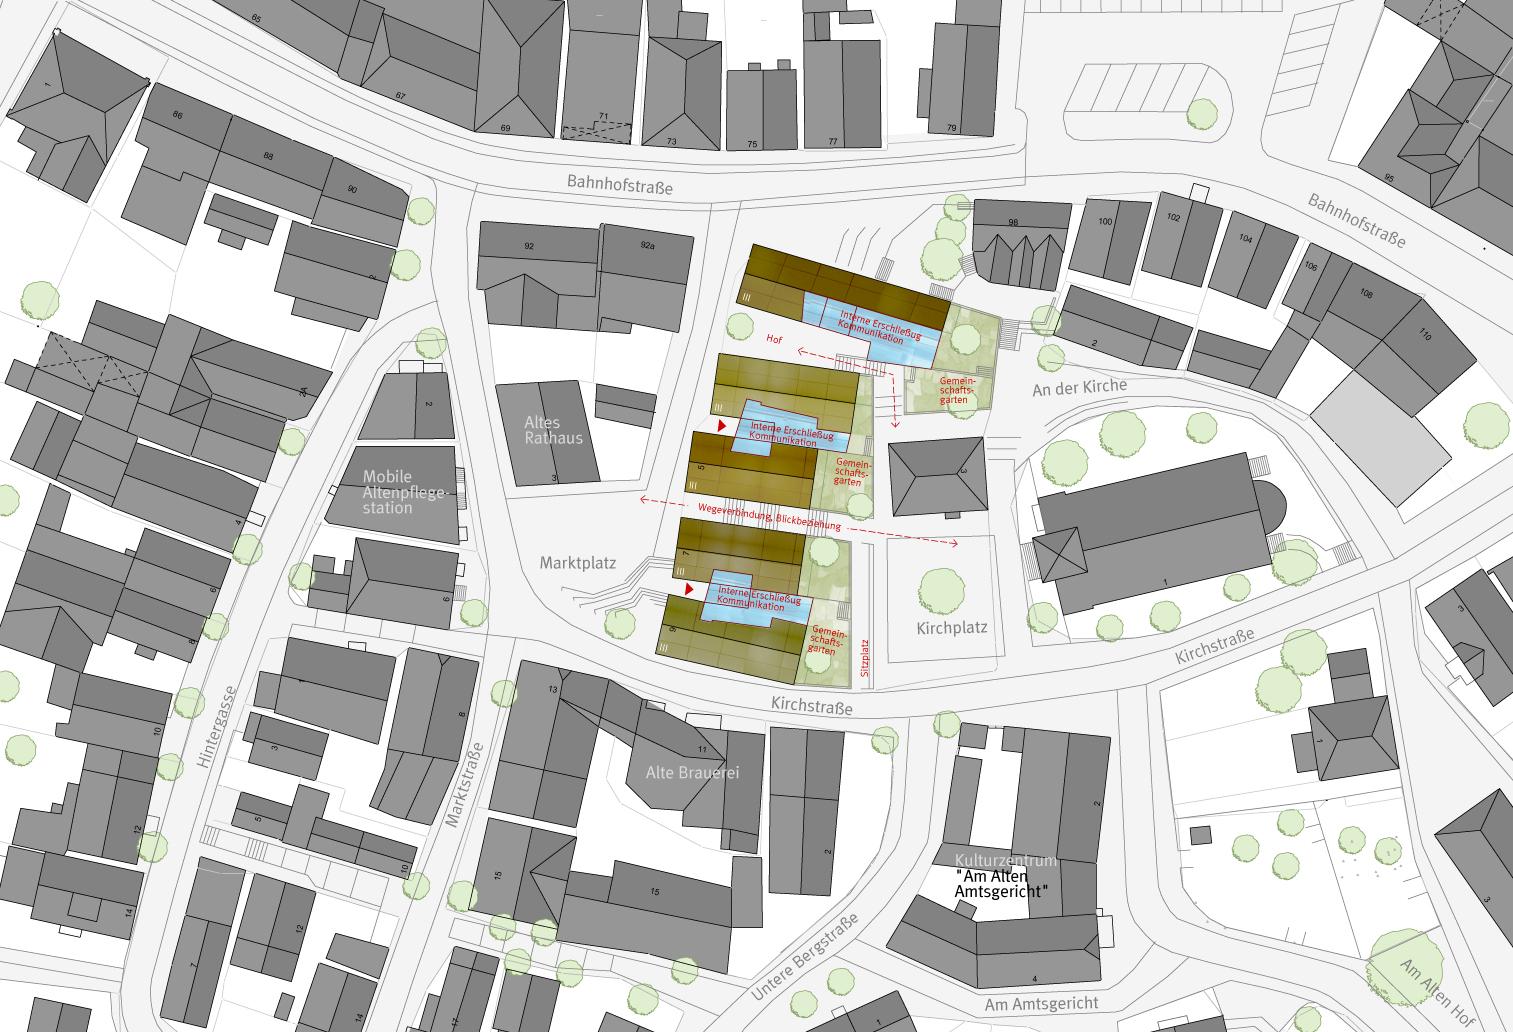 012+Marktplatz+Borken+-+Lage500.jpg